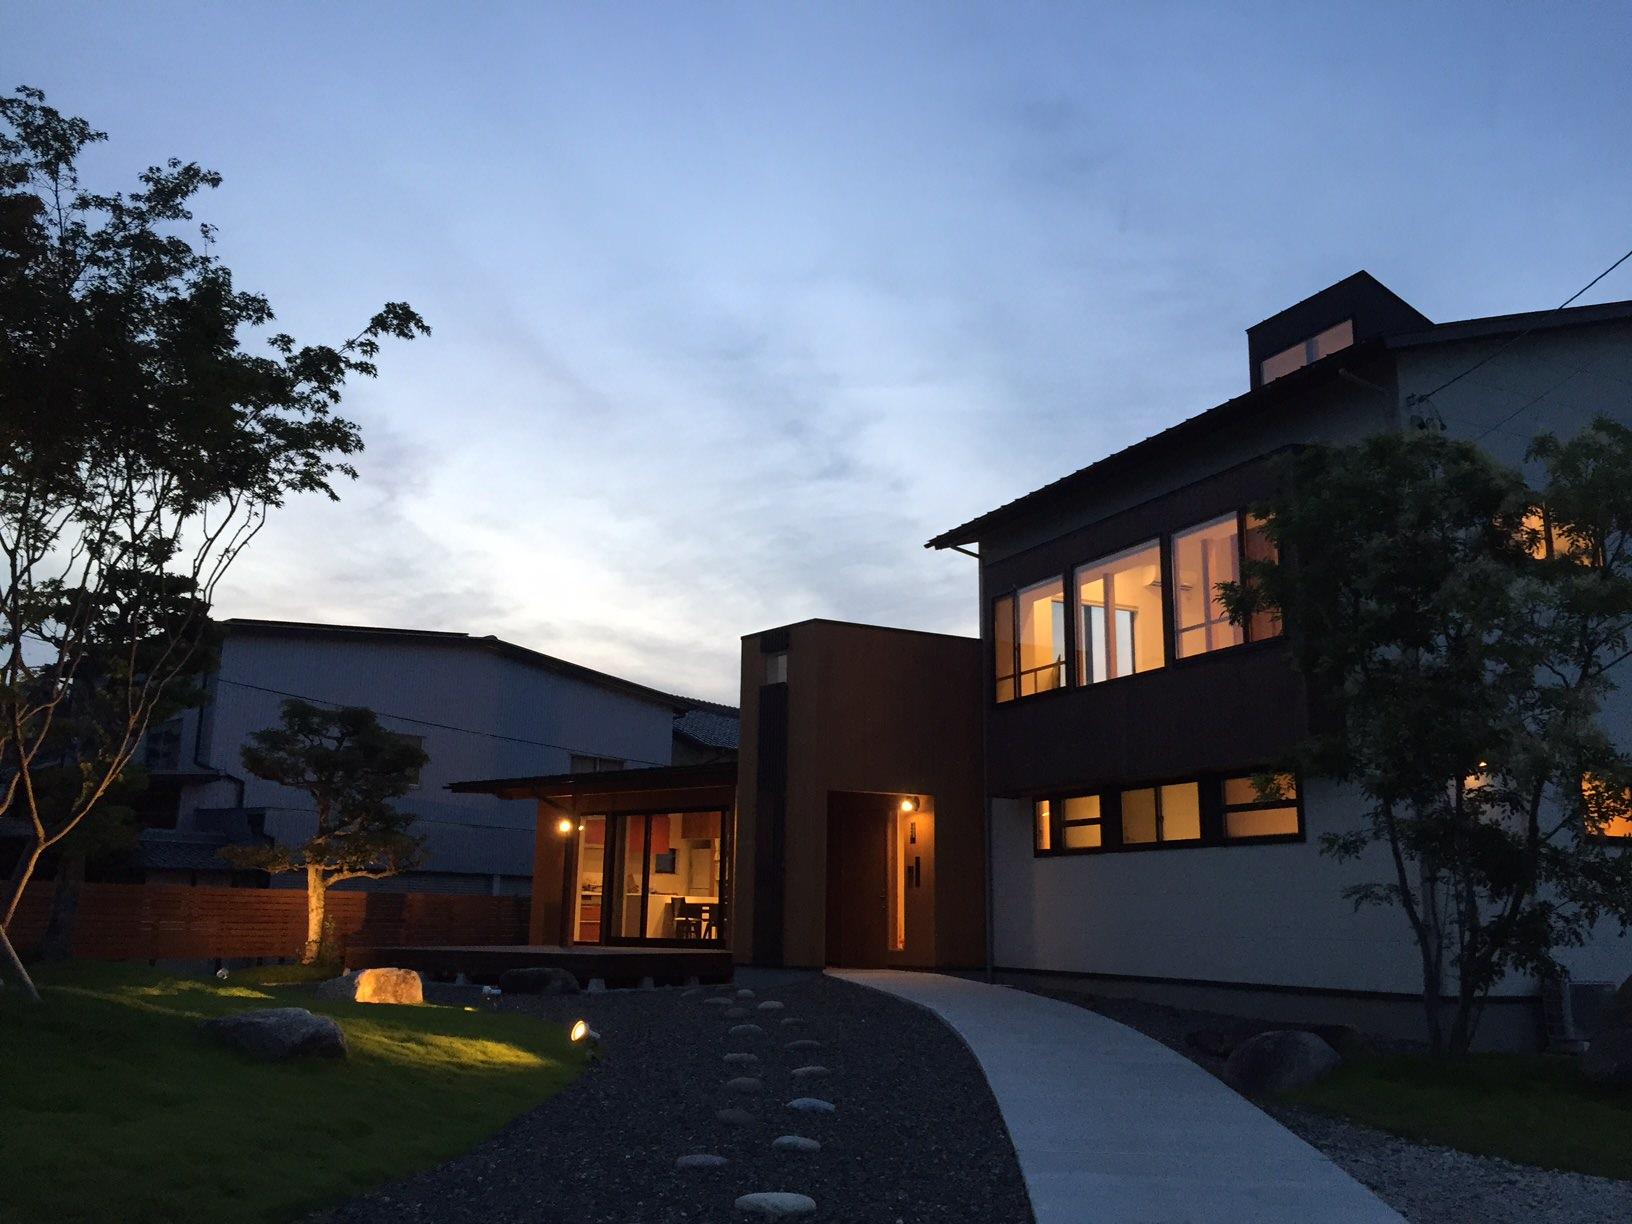 岐阜県養老町「下笠の家」木造2階建て 2世帯住宅 スキップフロアー 撮影